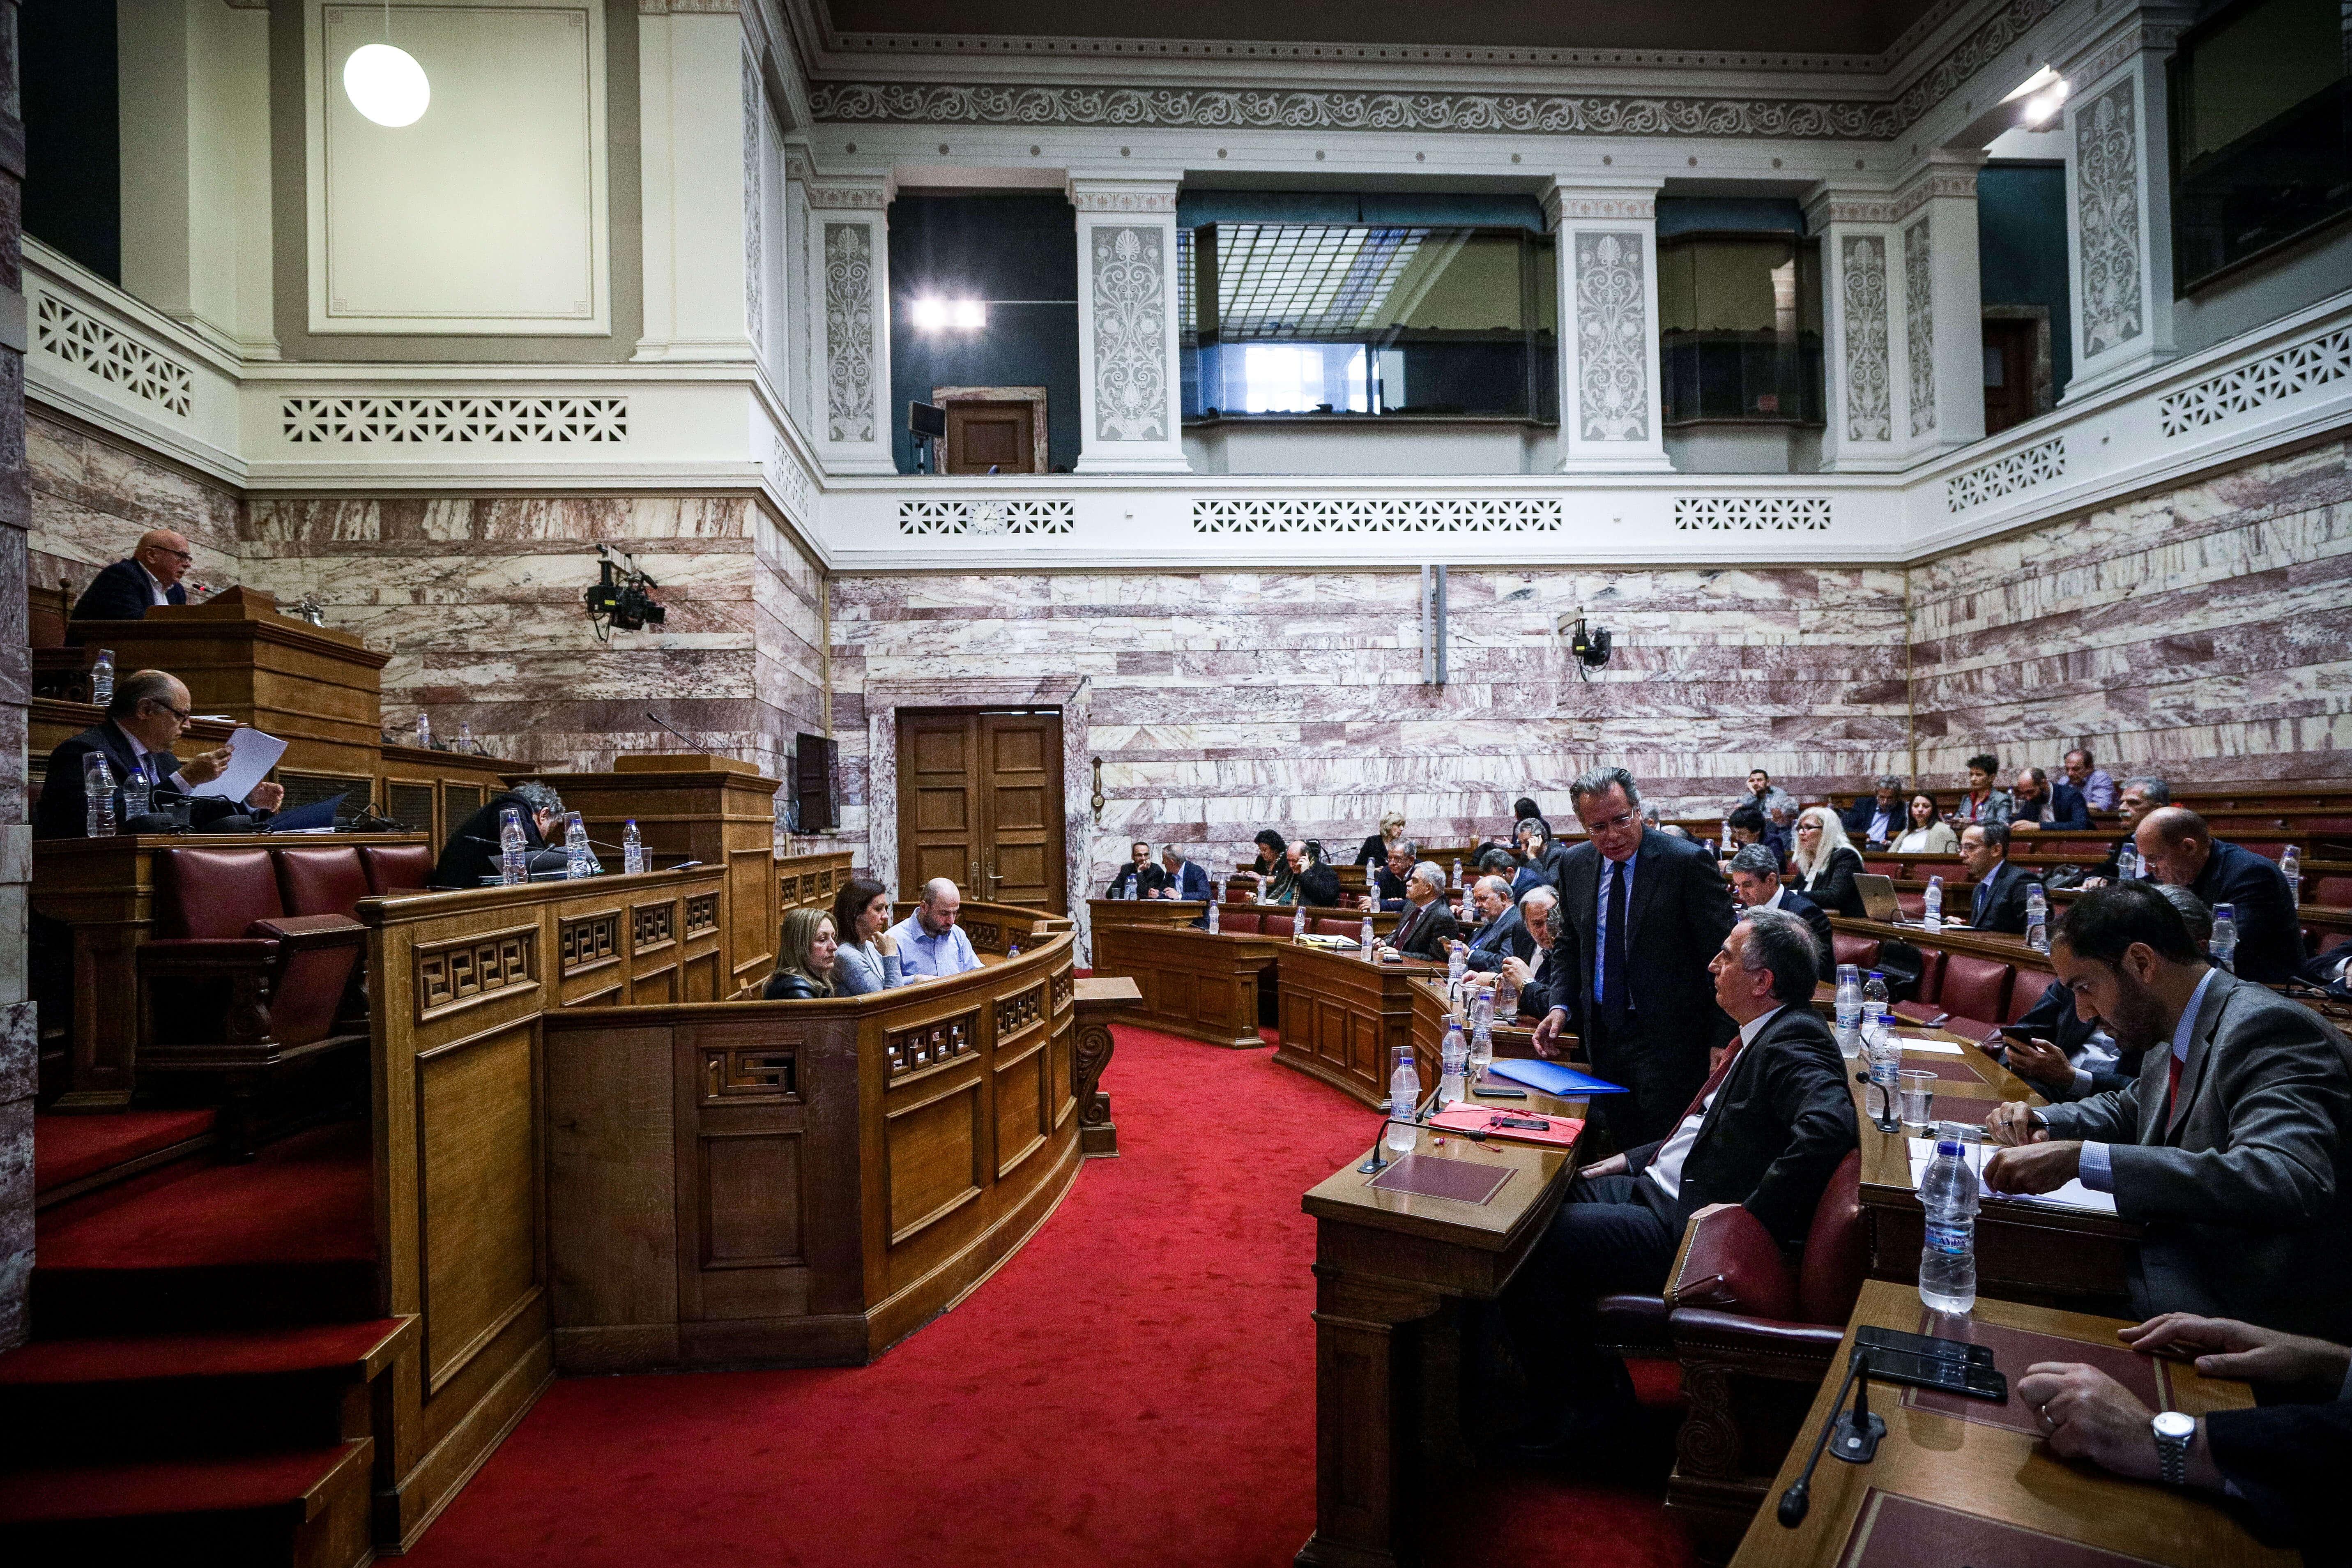 Πέρασε κατά πλειοψηφία το σχέδιο νόμου για την ένταξη της Βόρειας Μακεδονίας στο ΝΑΤΟ